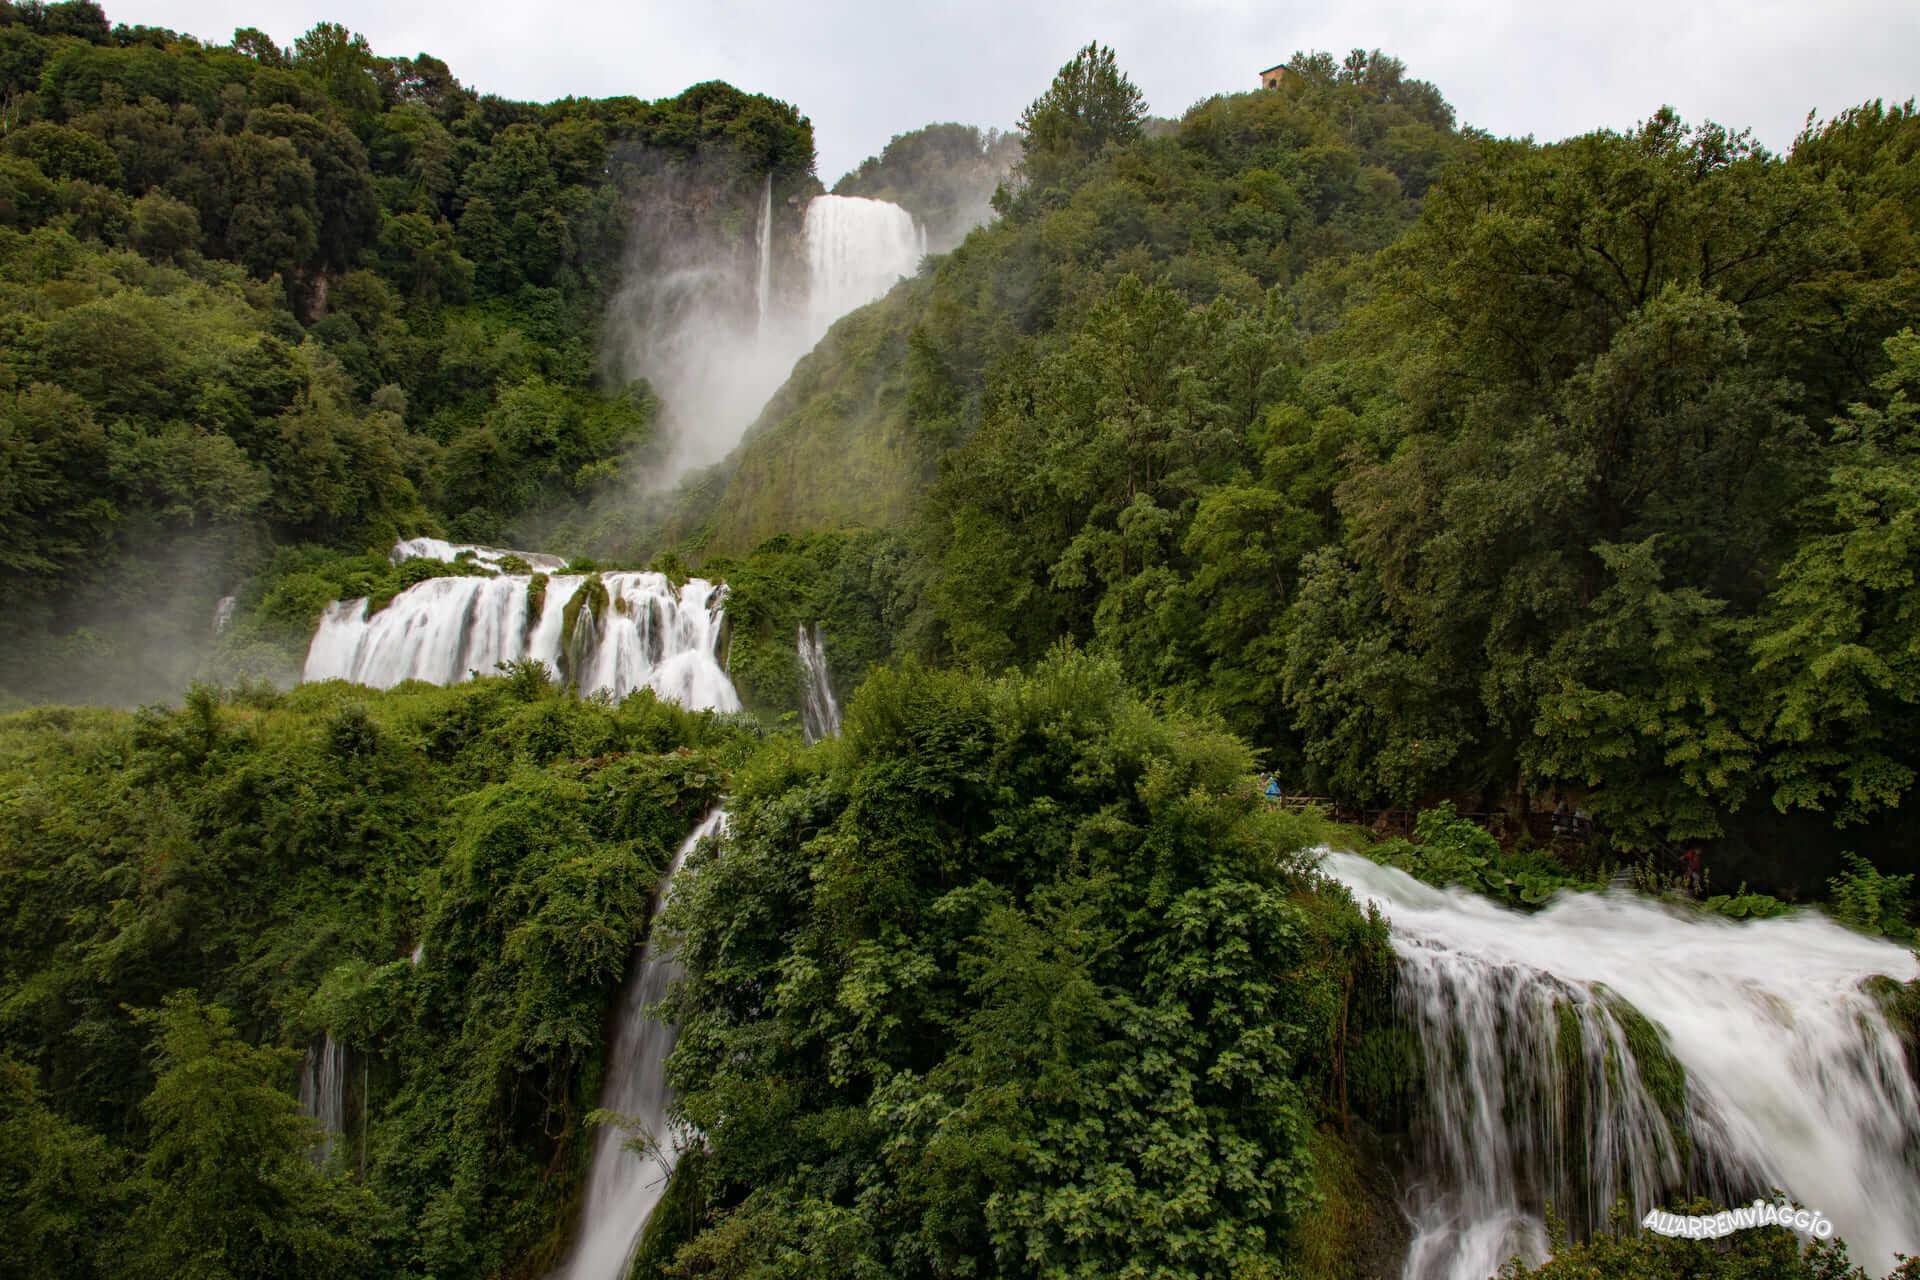 cascata delle marmore belvedere inferiore